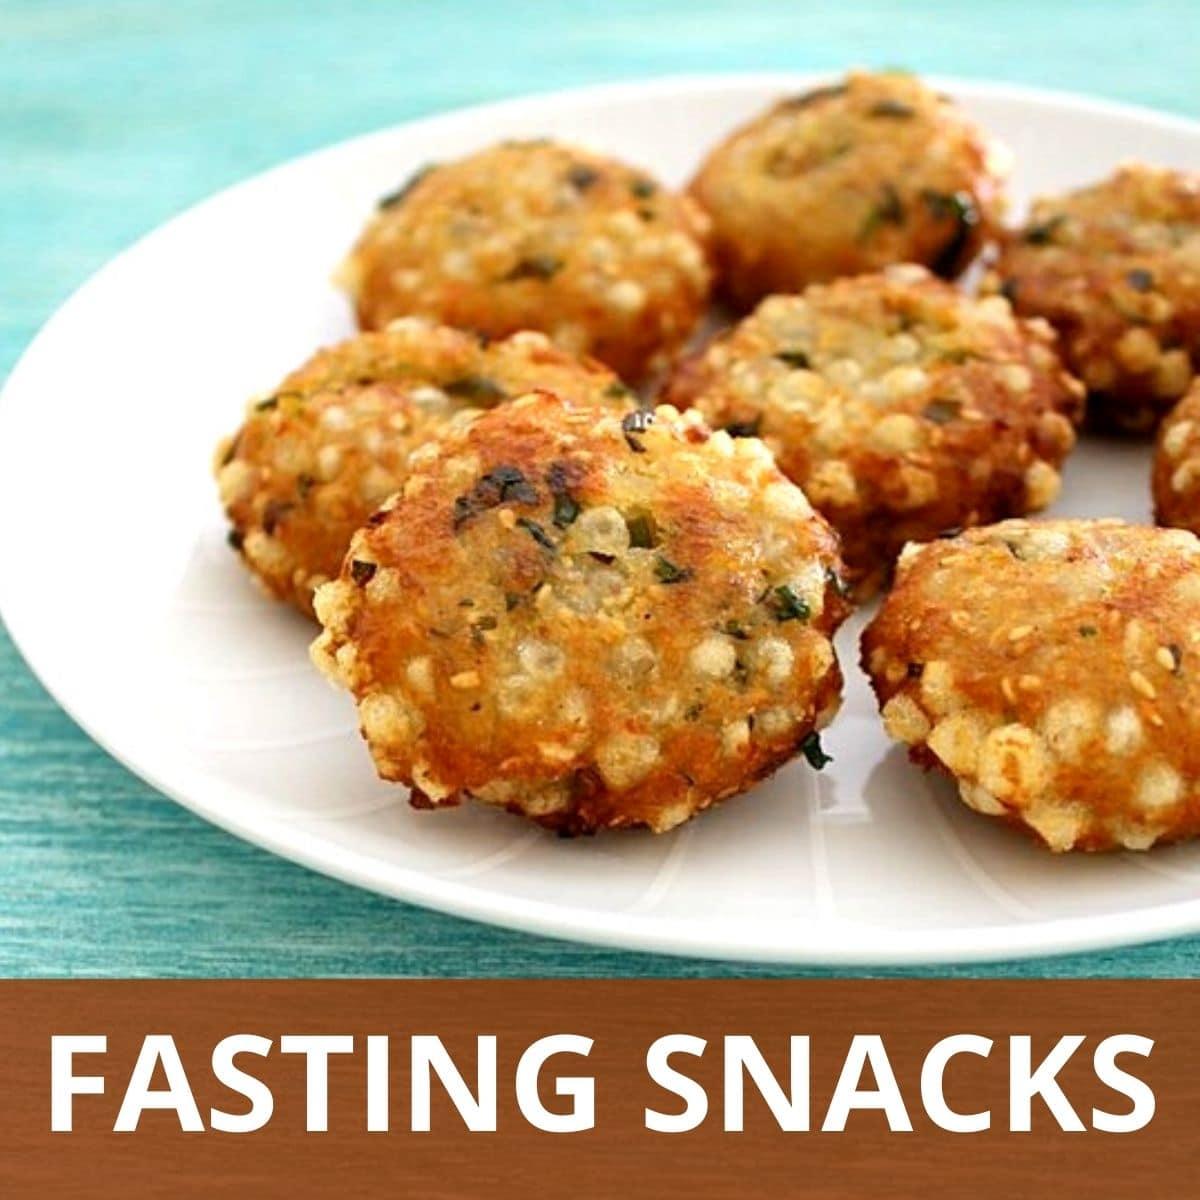 Fasting Snacks